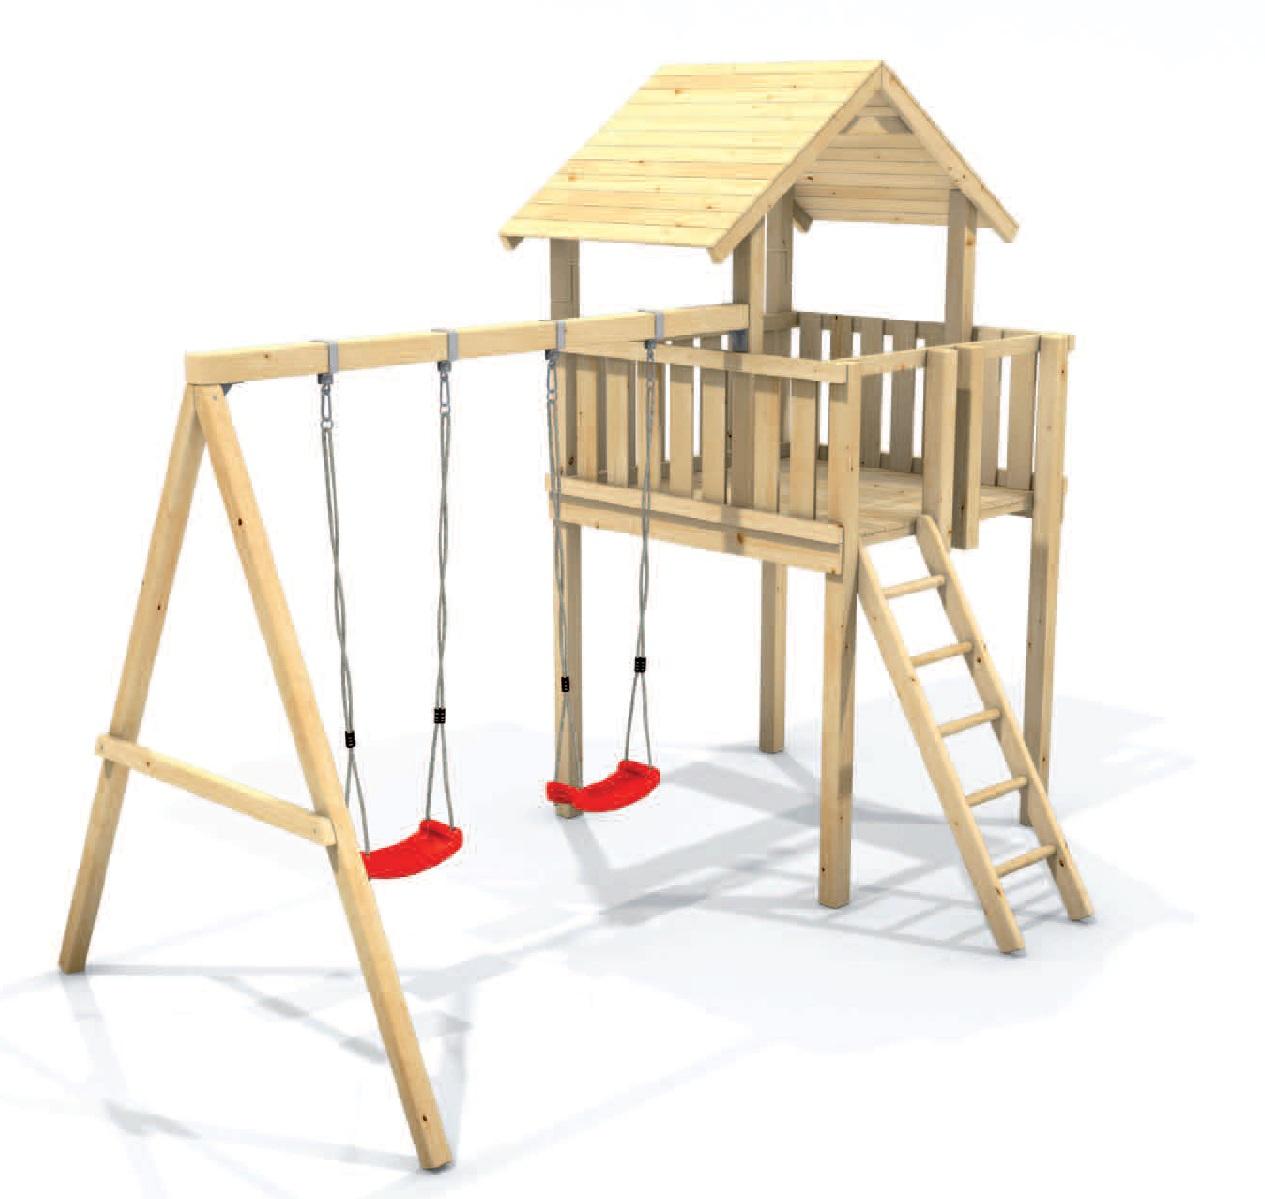 Spielturm Mia - Swing - 350 - ★größer★höher★stabiler★ – Bild 4